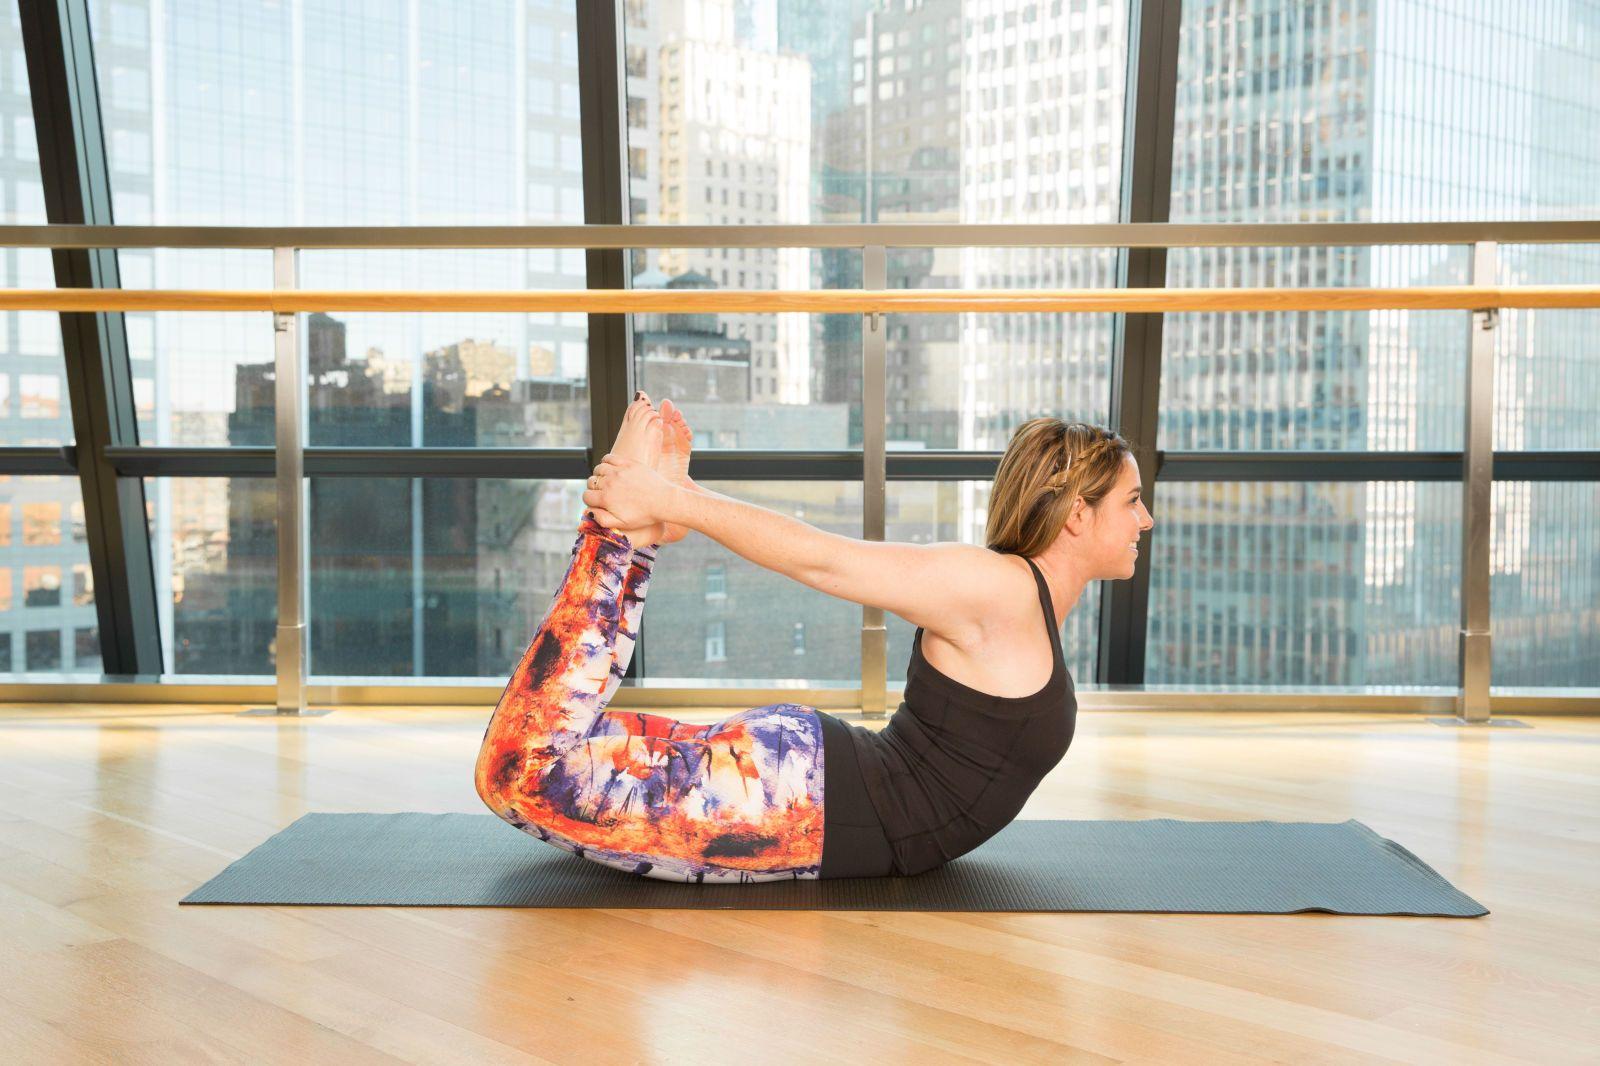 На Сколько Можно Похудеть От Йоги. Эффективна ли йога для похудения — отзывы с фото до и после прилагаются